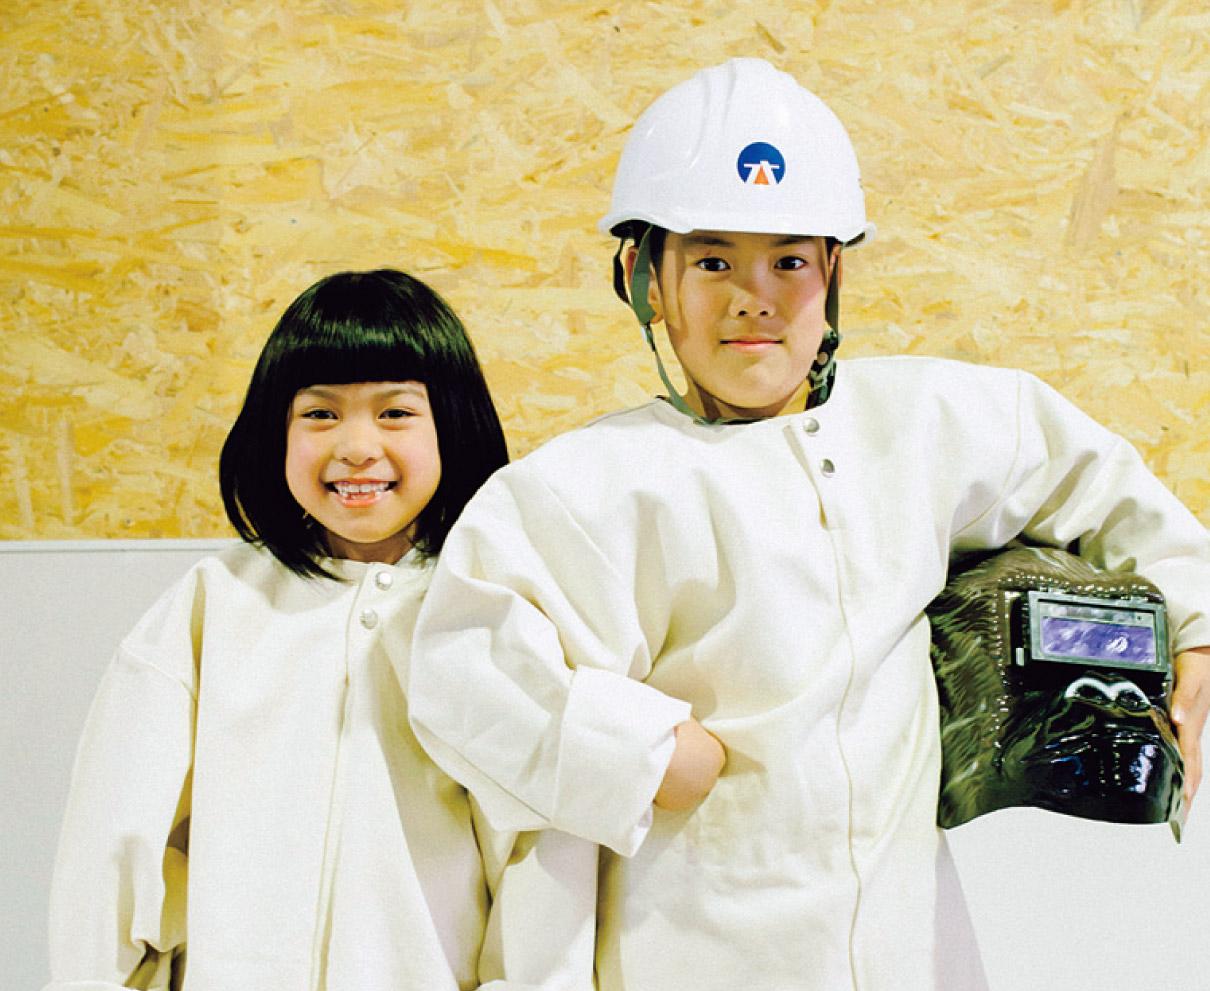 鉄工所でアイアンネームプレートづくり体験! |アイアンプラネット